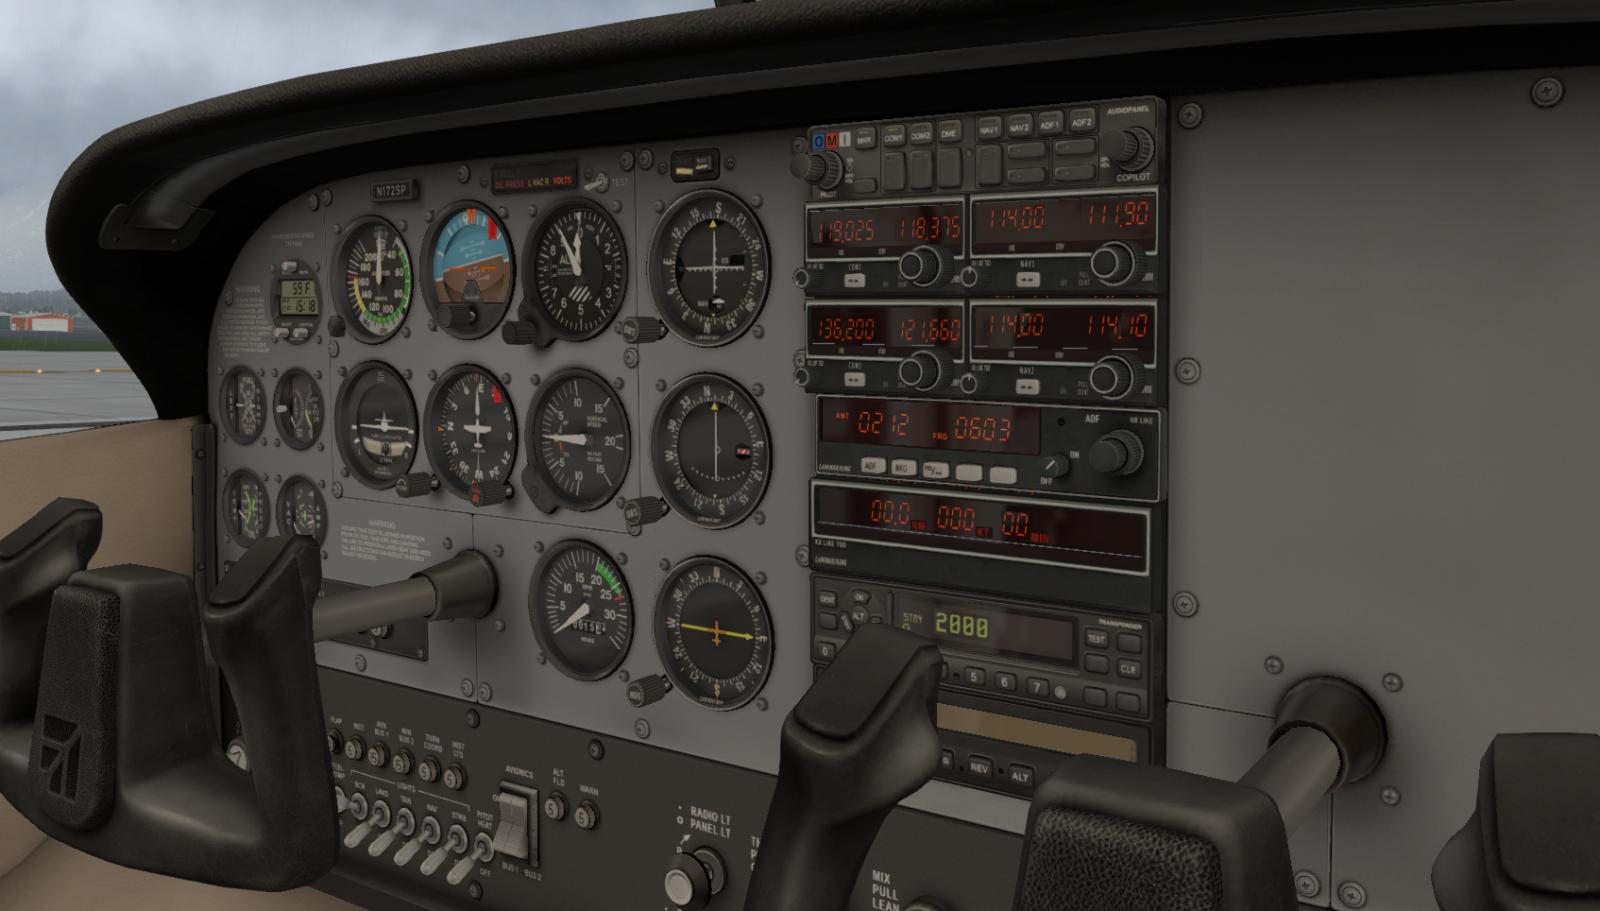 XP11 C172 /A (Slant Alpha) (No GPS) - General Aviation - X